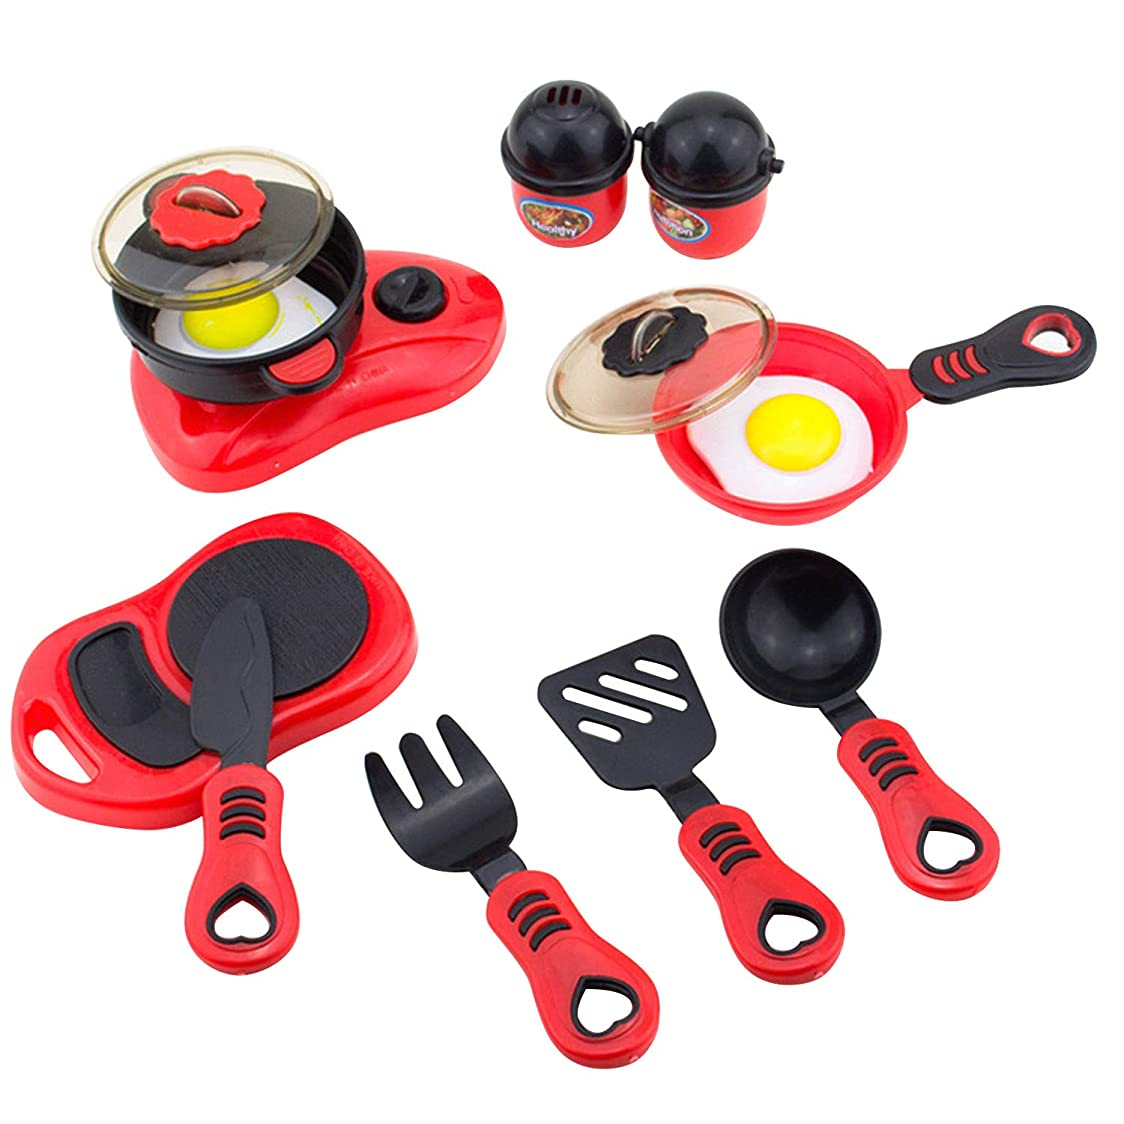 ボランティア手荷物独立ゴシレ Gosear 12ピース子供シミュレーション鍋フライパンスプーンナイフ調理器具キッチン玩具キッチンふりプレイセットロールプレイ玩具キット